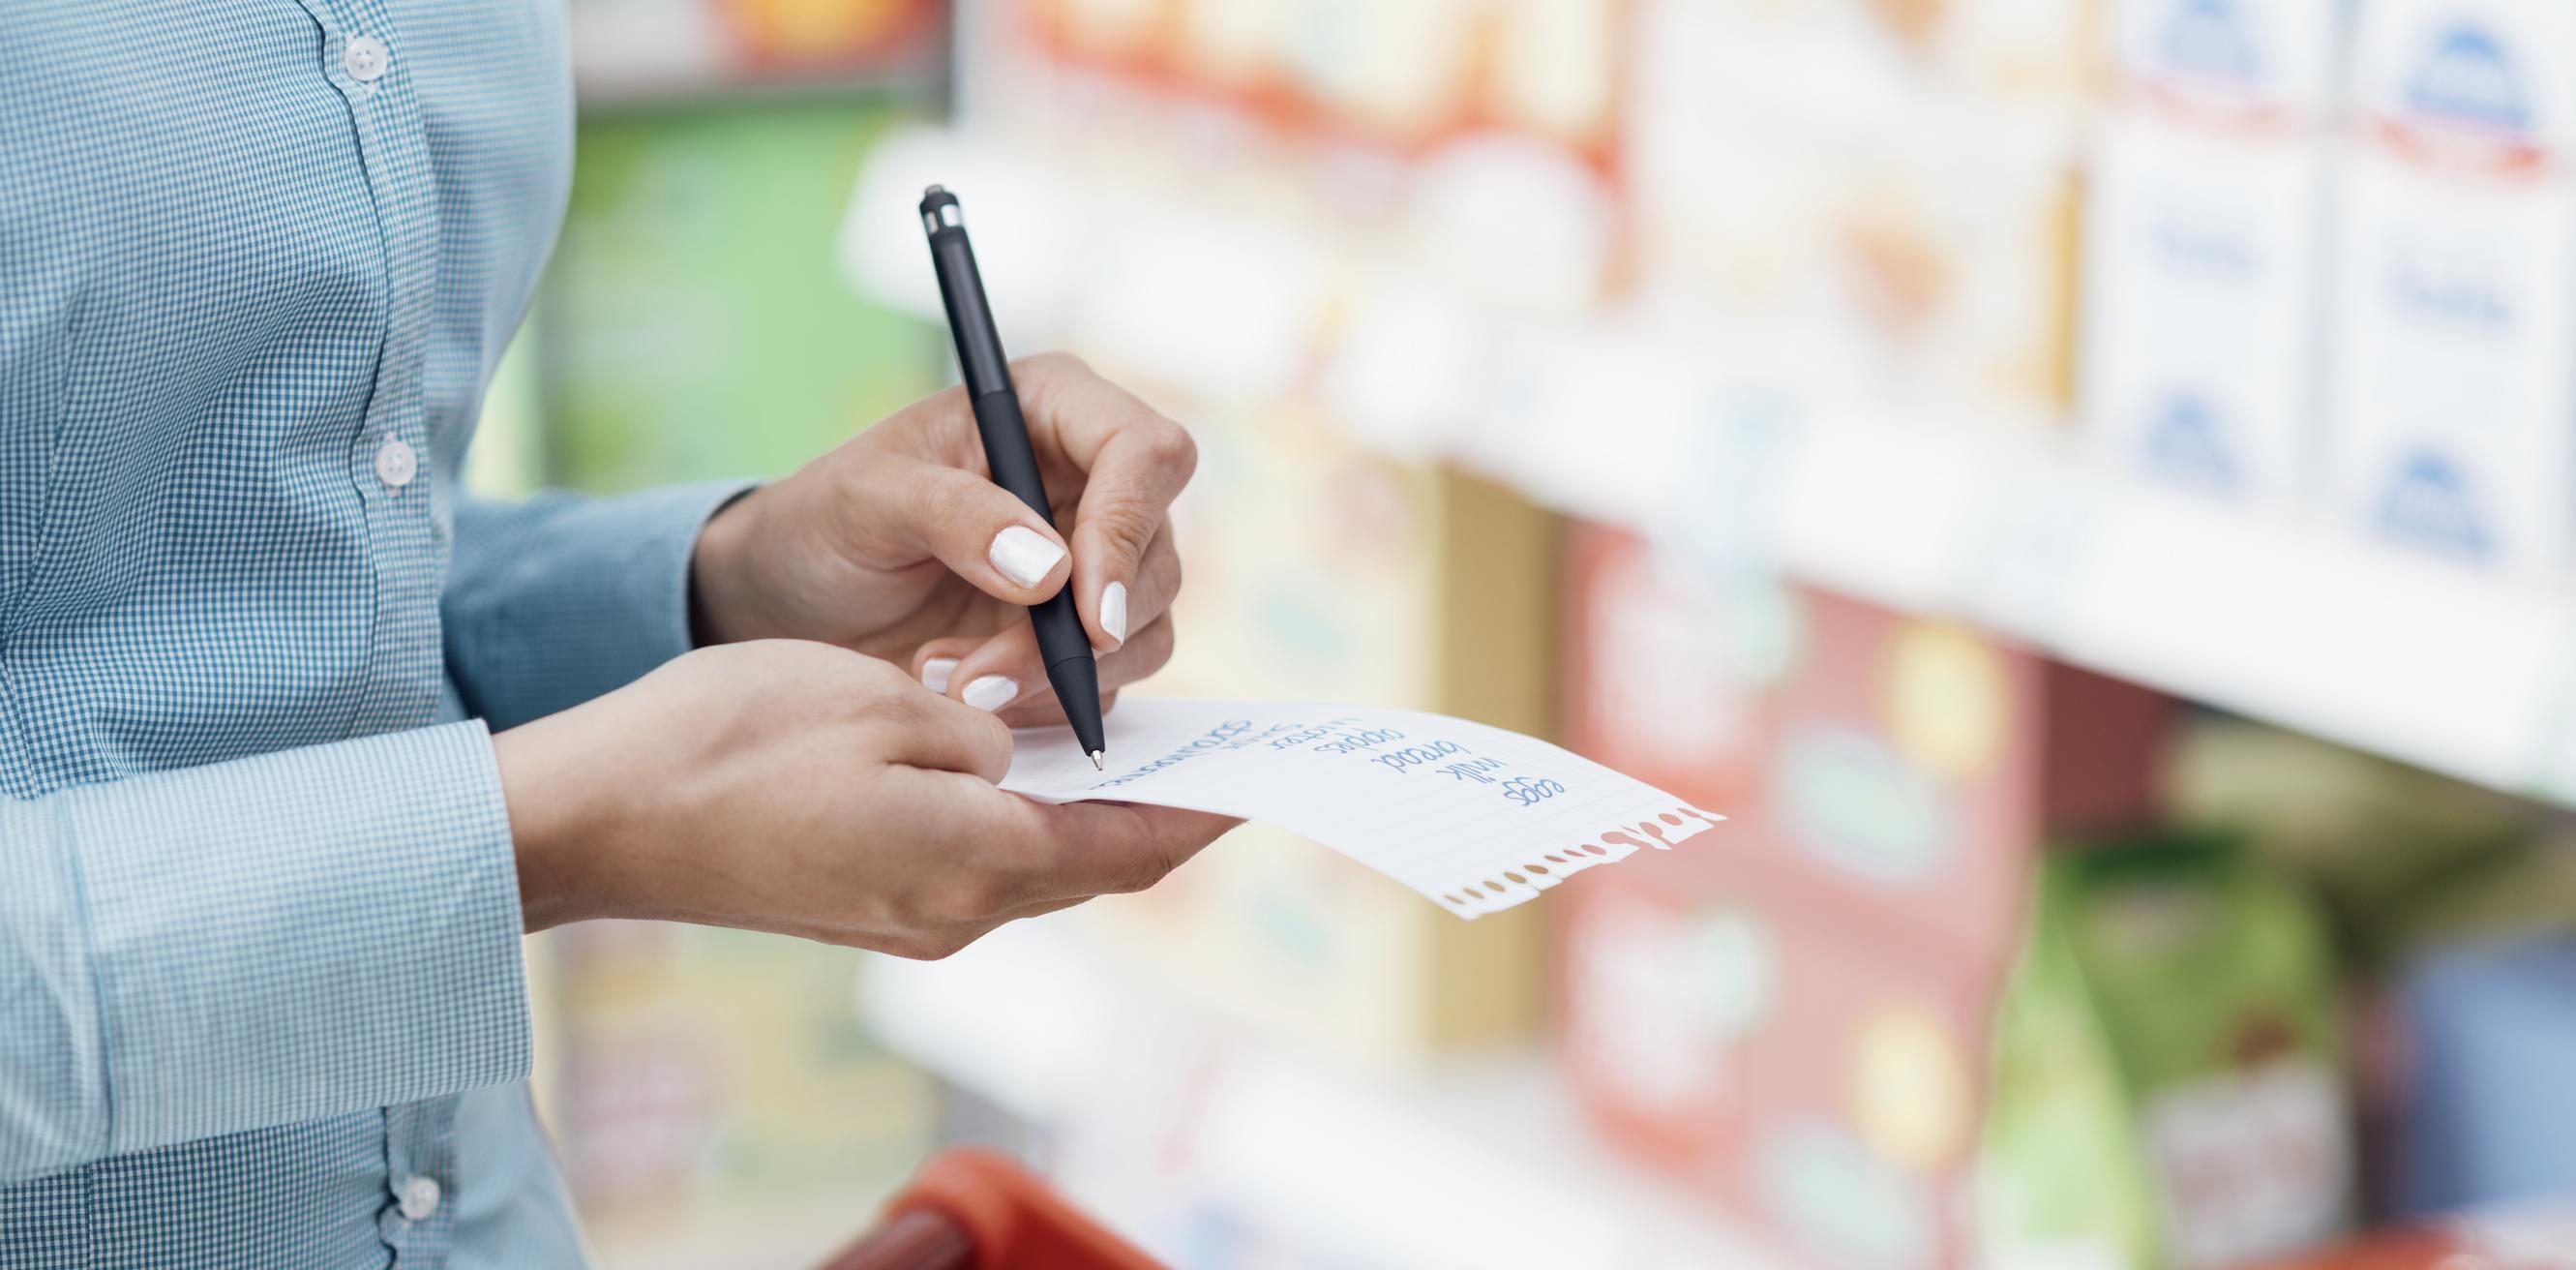 Einkaufsliste Tipps.png